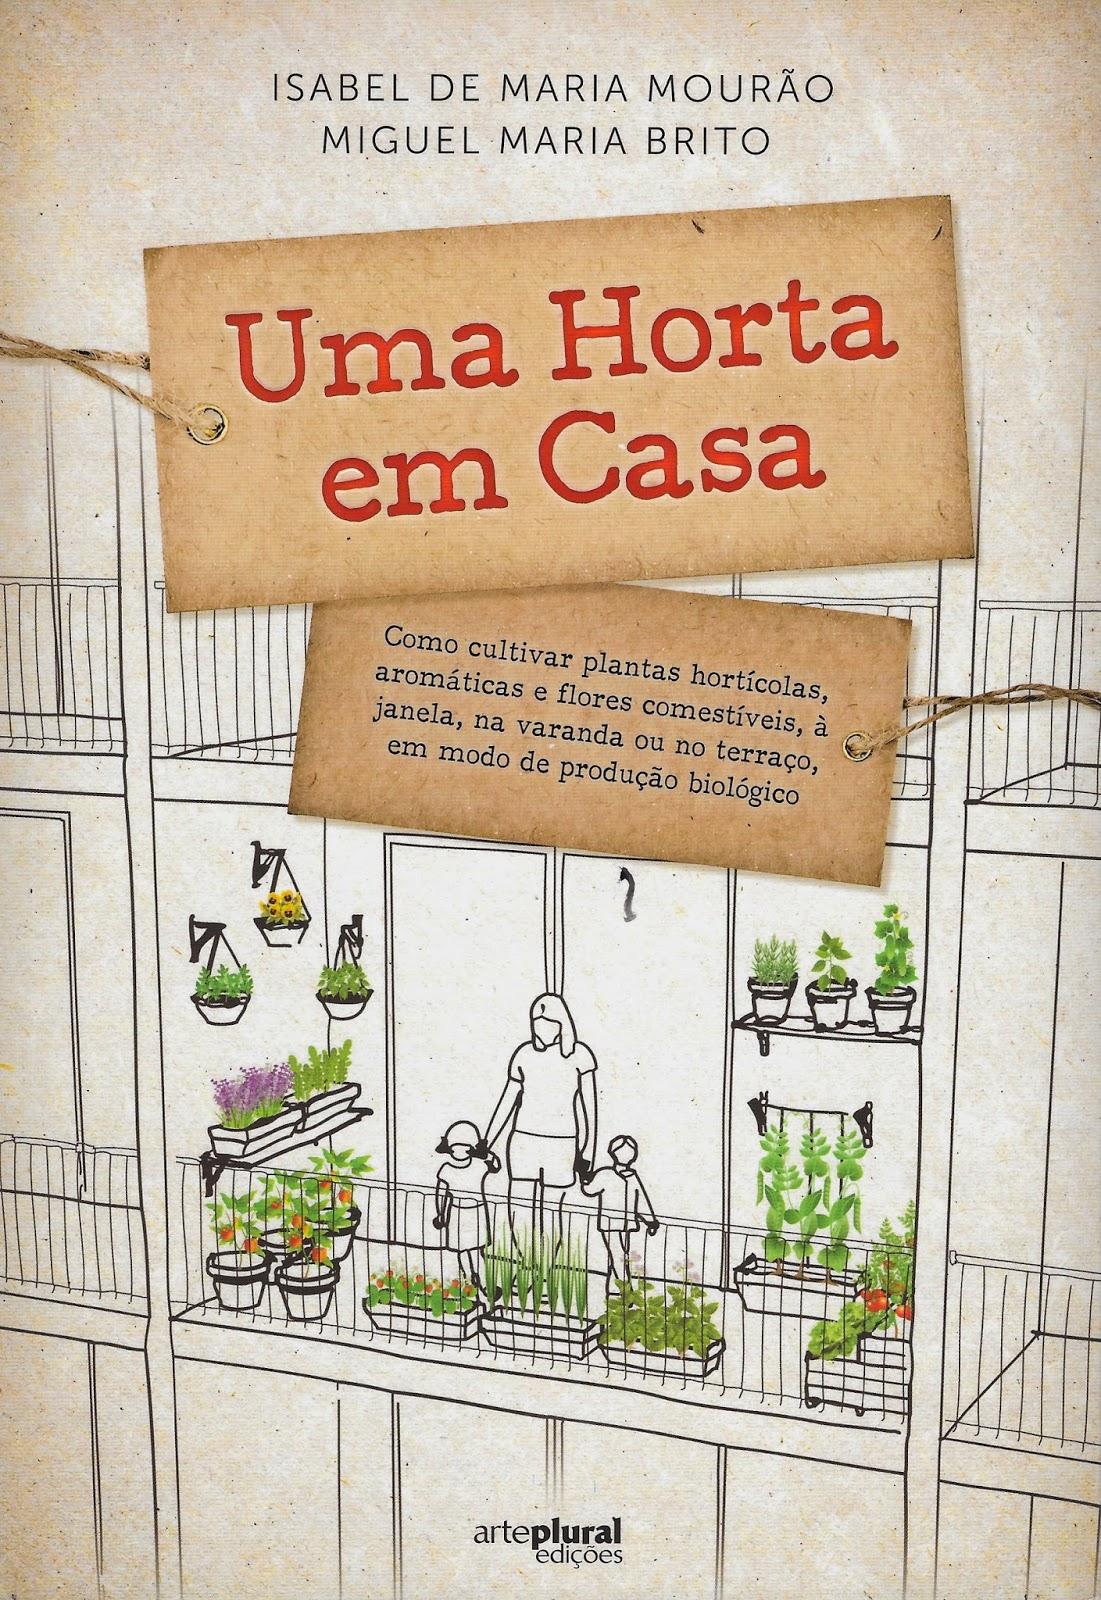 http://www.cantinhodasaromaticas.pt/loja/livros/uma-horta-em-casa/